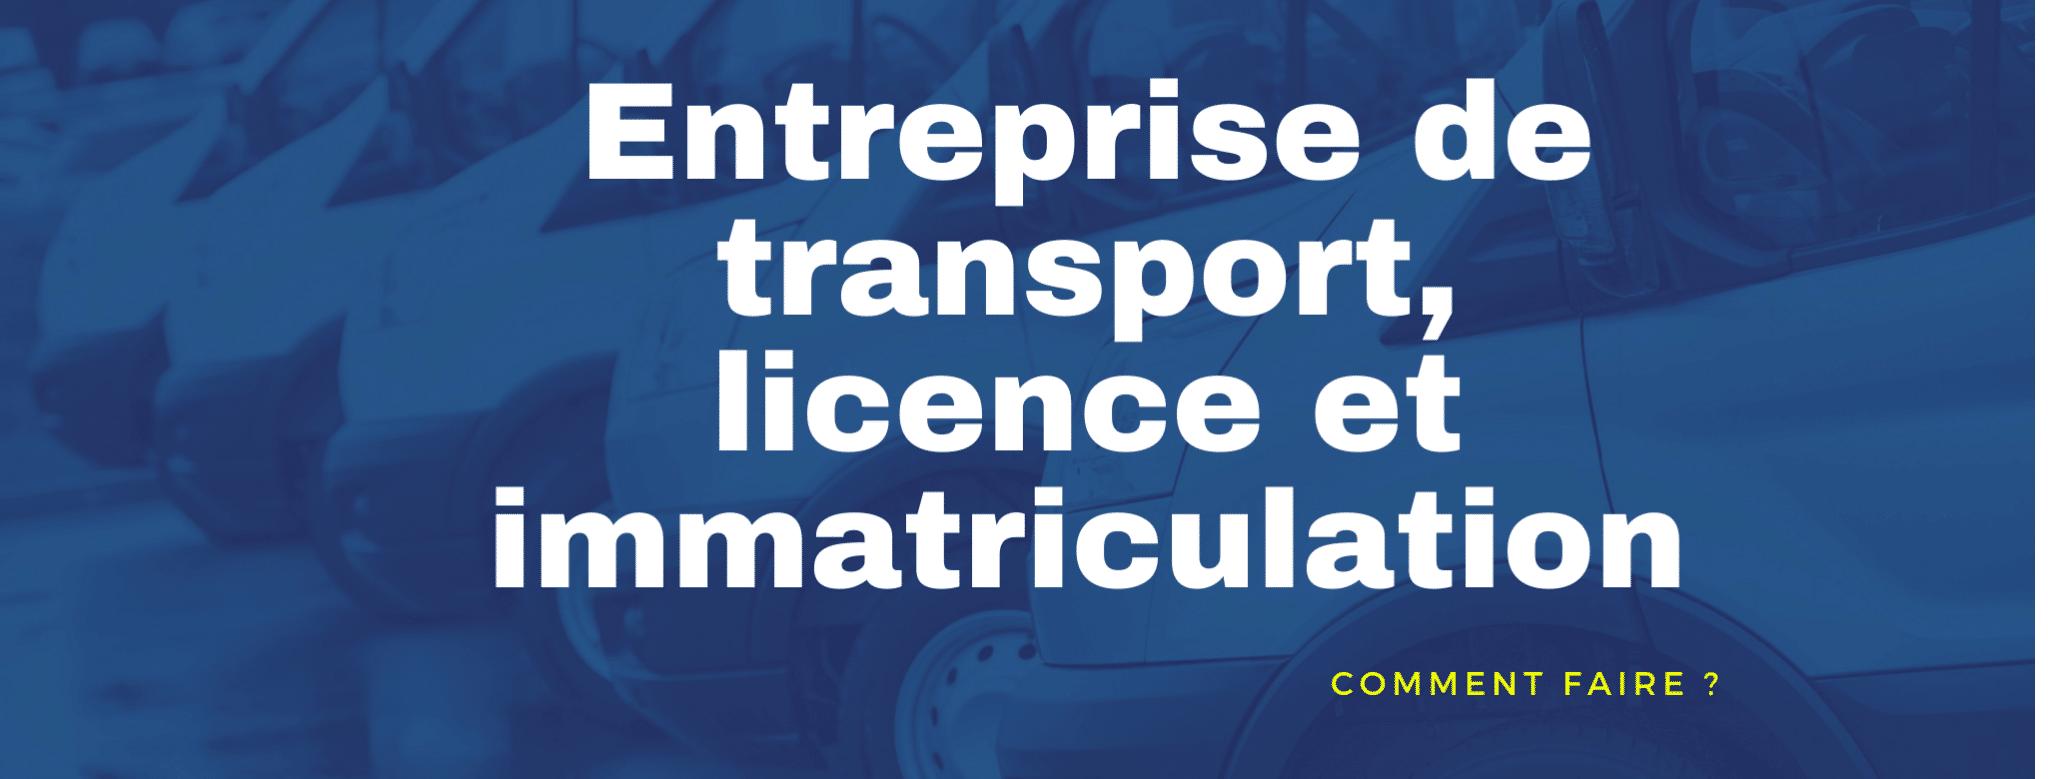 Demande de licence et immatriculation d'une entreprise de transport